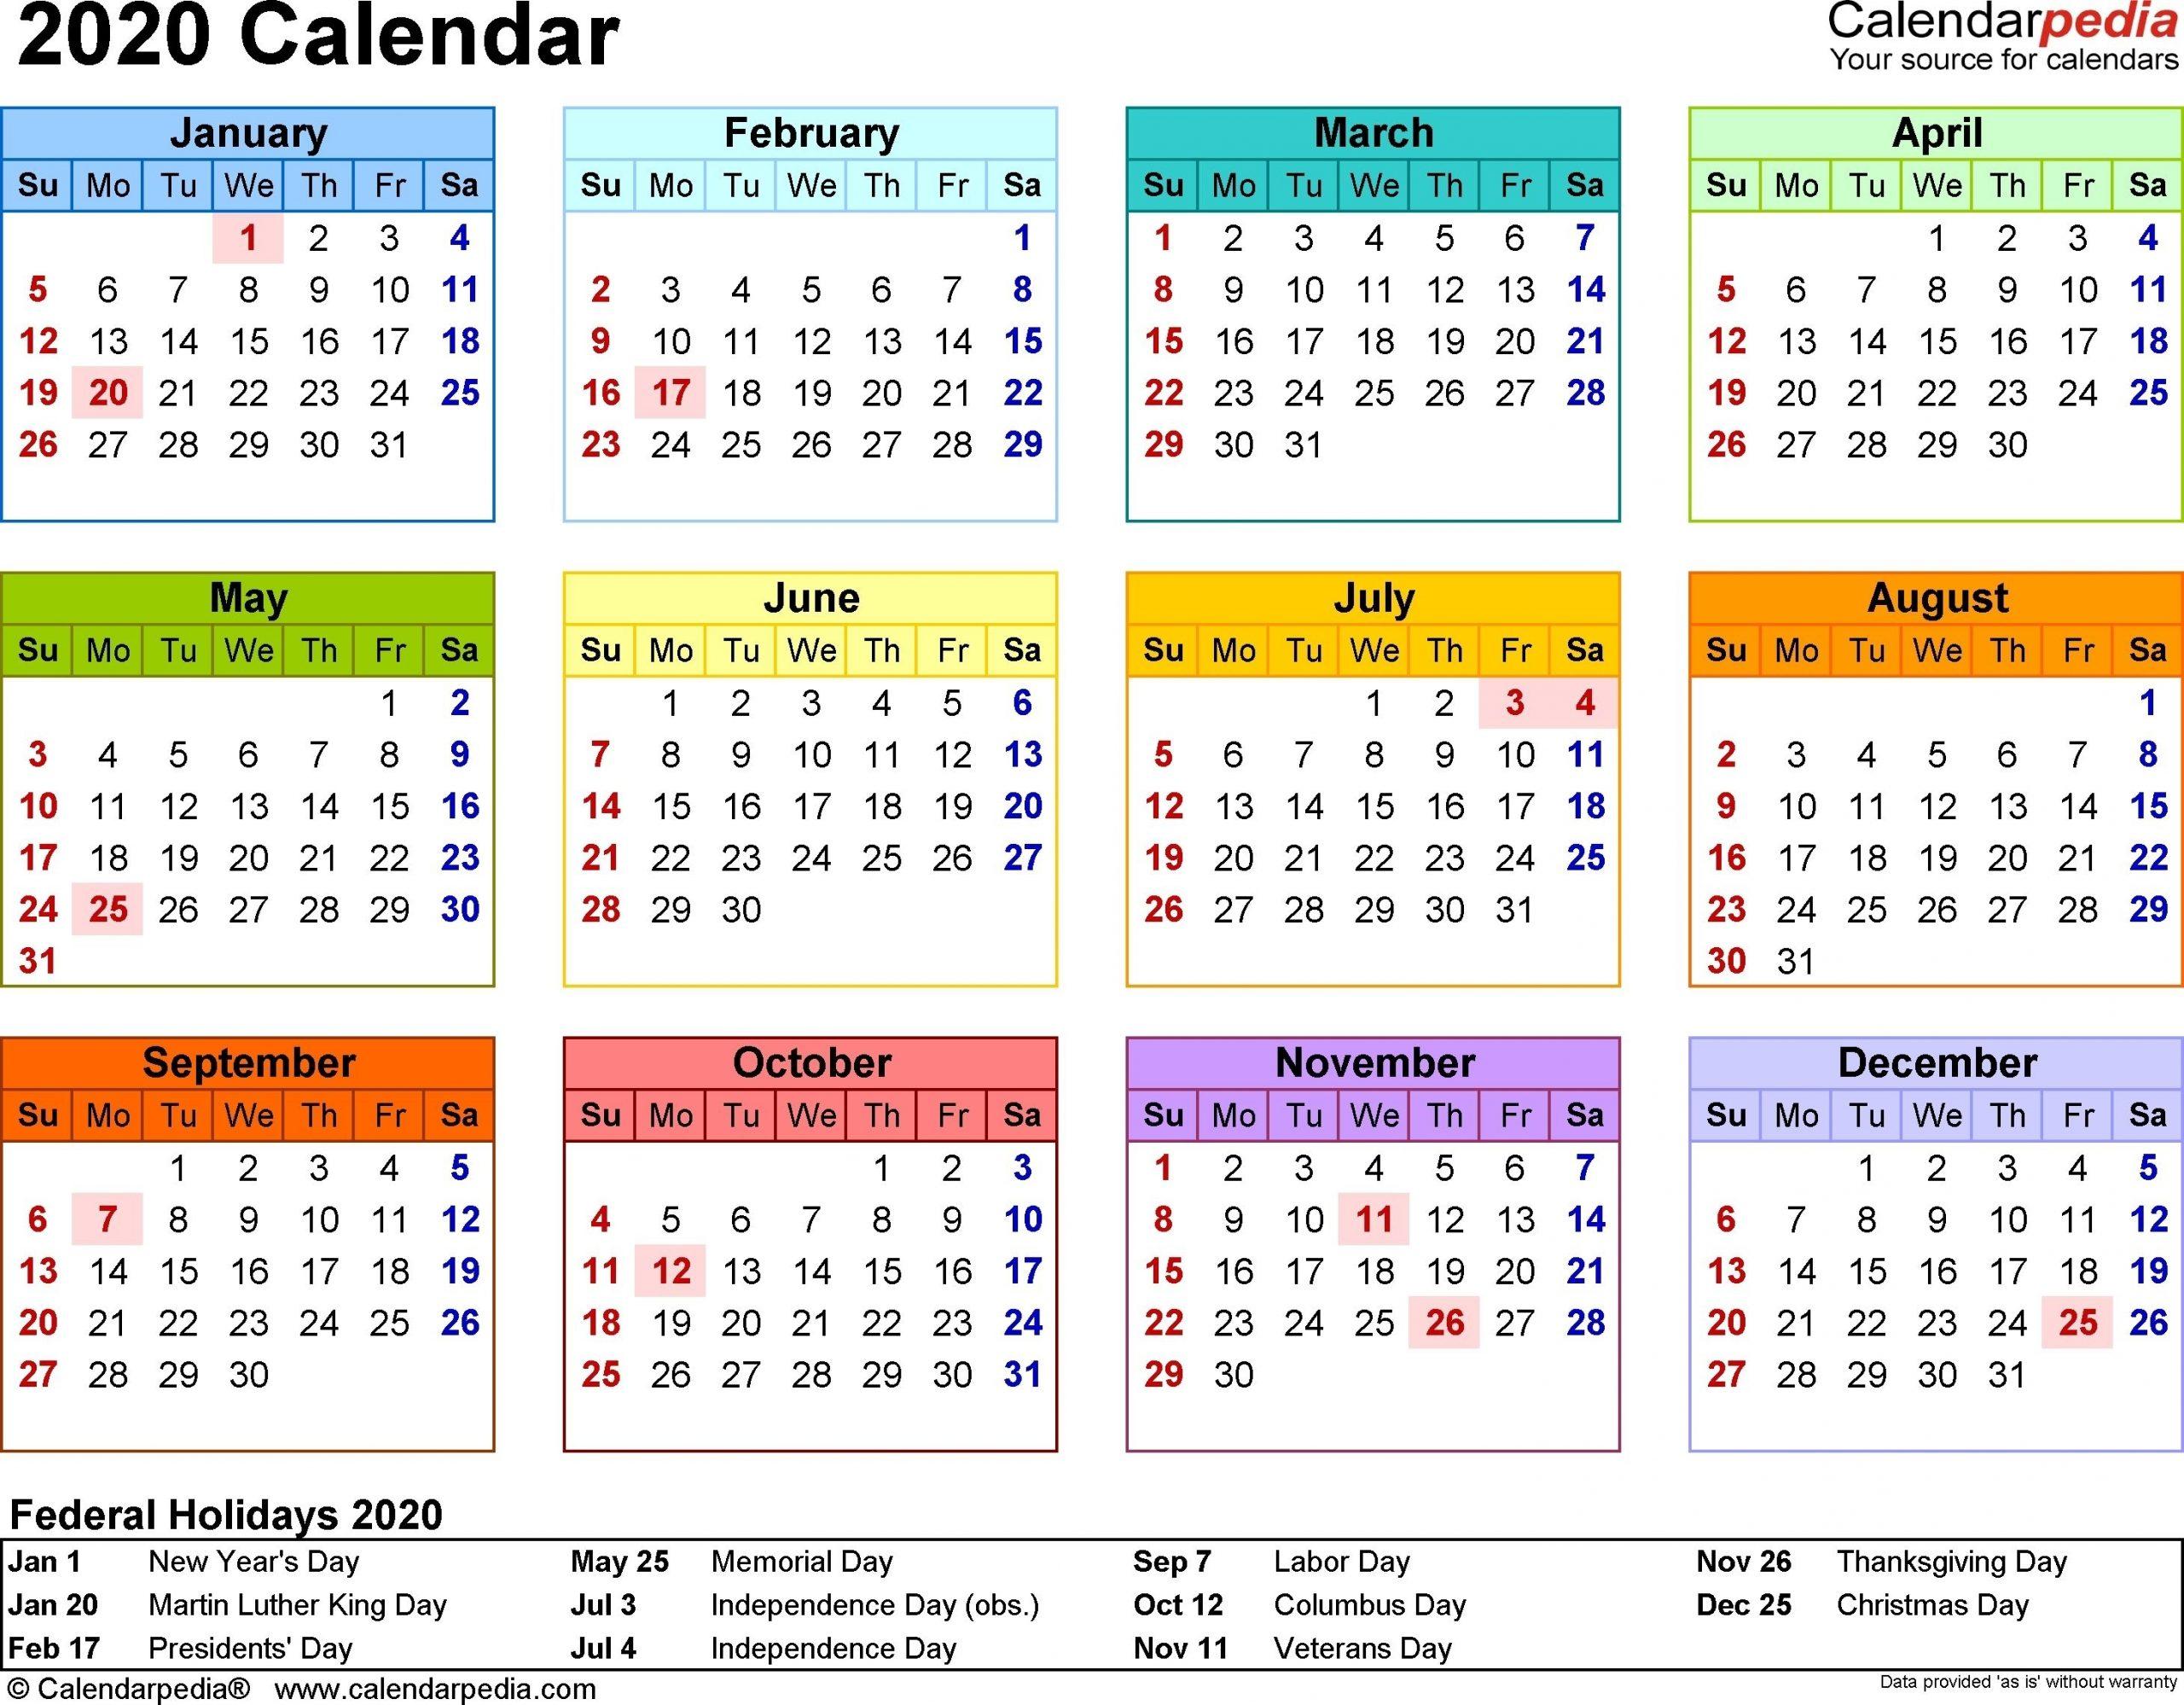 2020 Free Printable Calendar Large Numbers In 2020 regarding Large Numbers Free Printable Calendar 2020